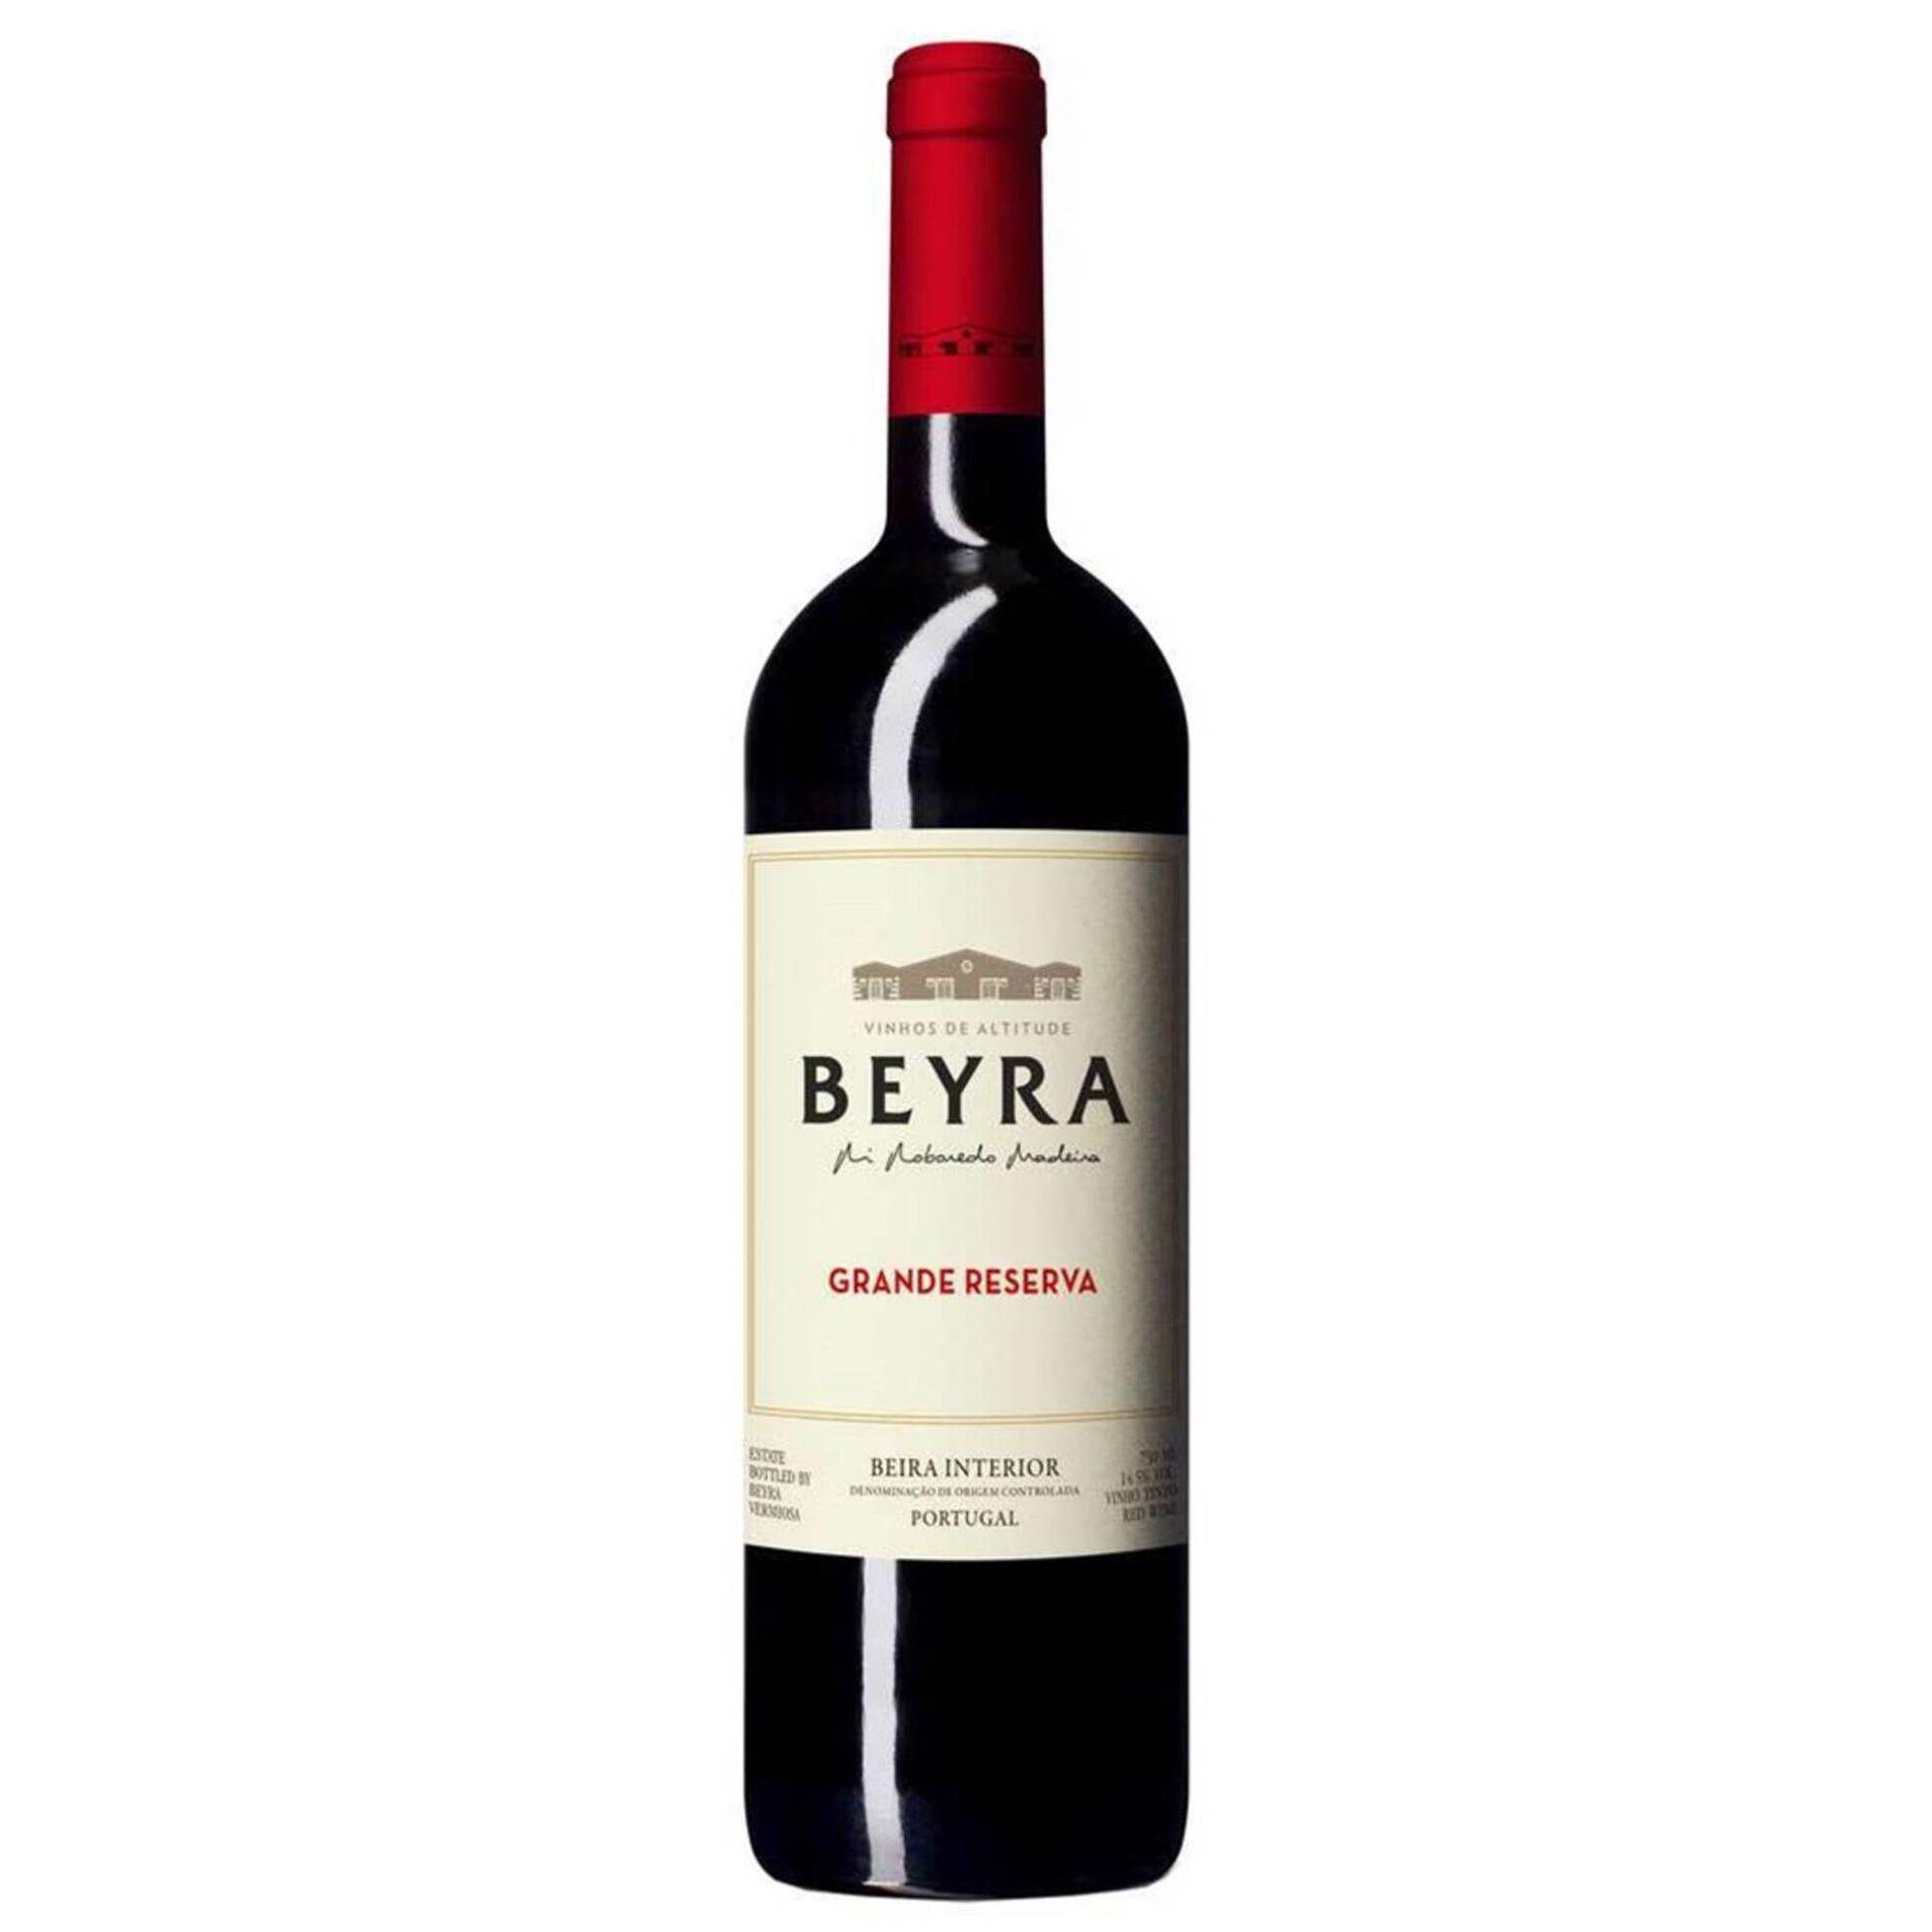 Beyra Grande Reserva DOC Beira Interior Vinho Tinto